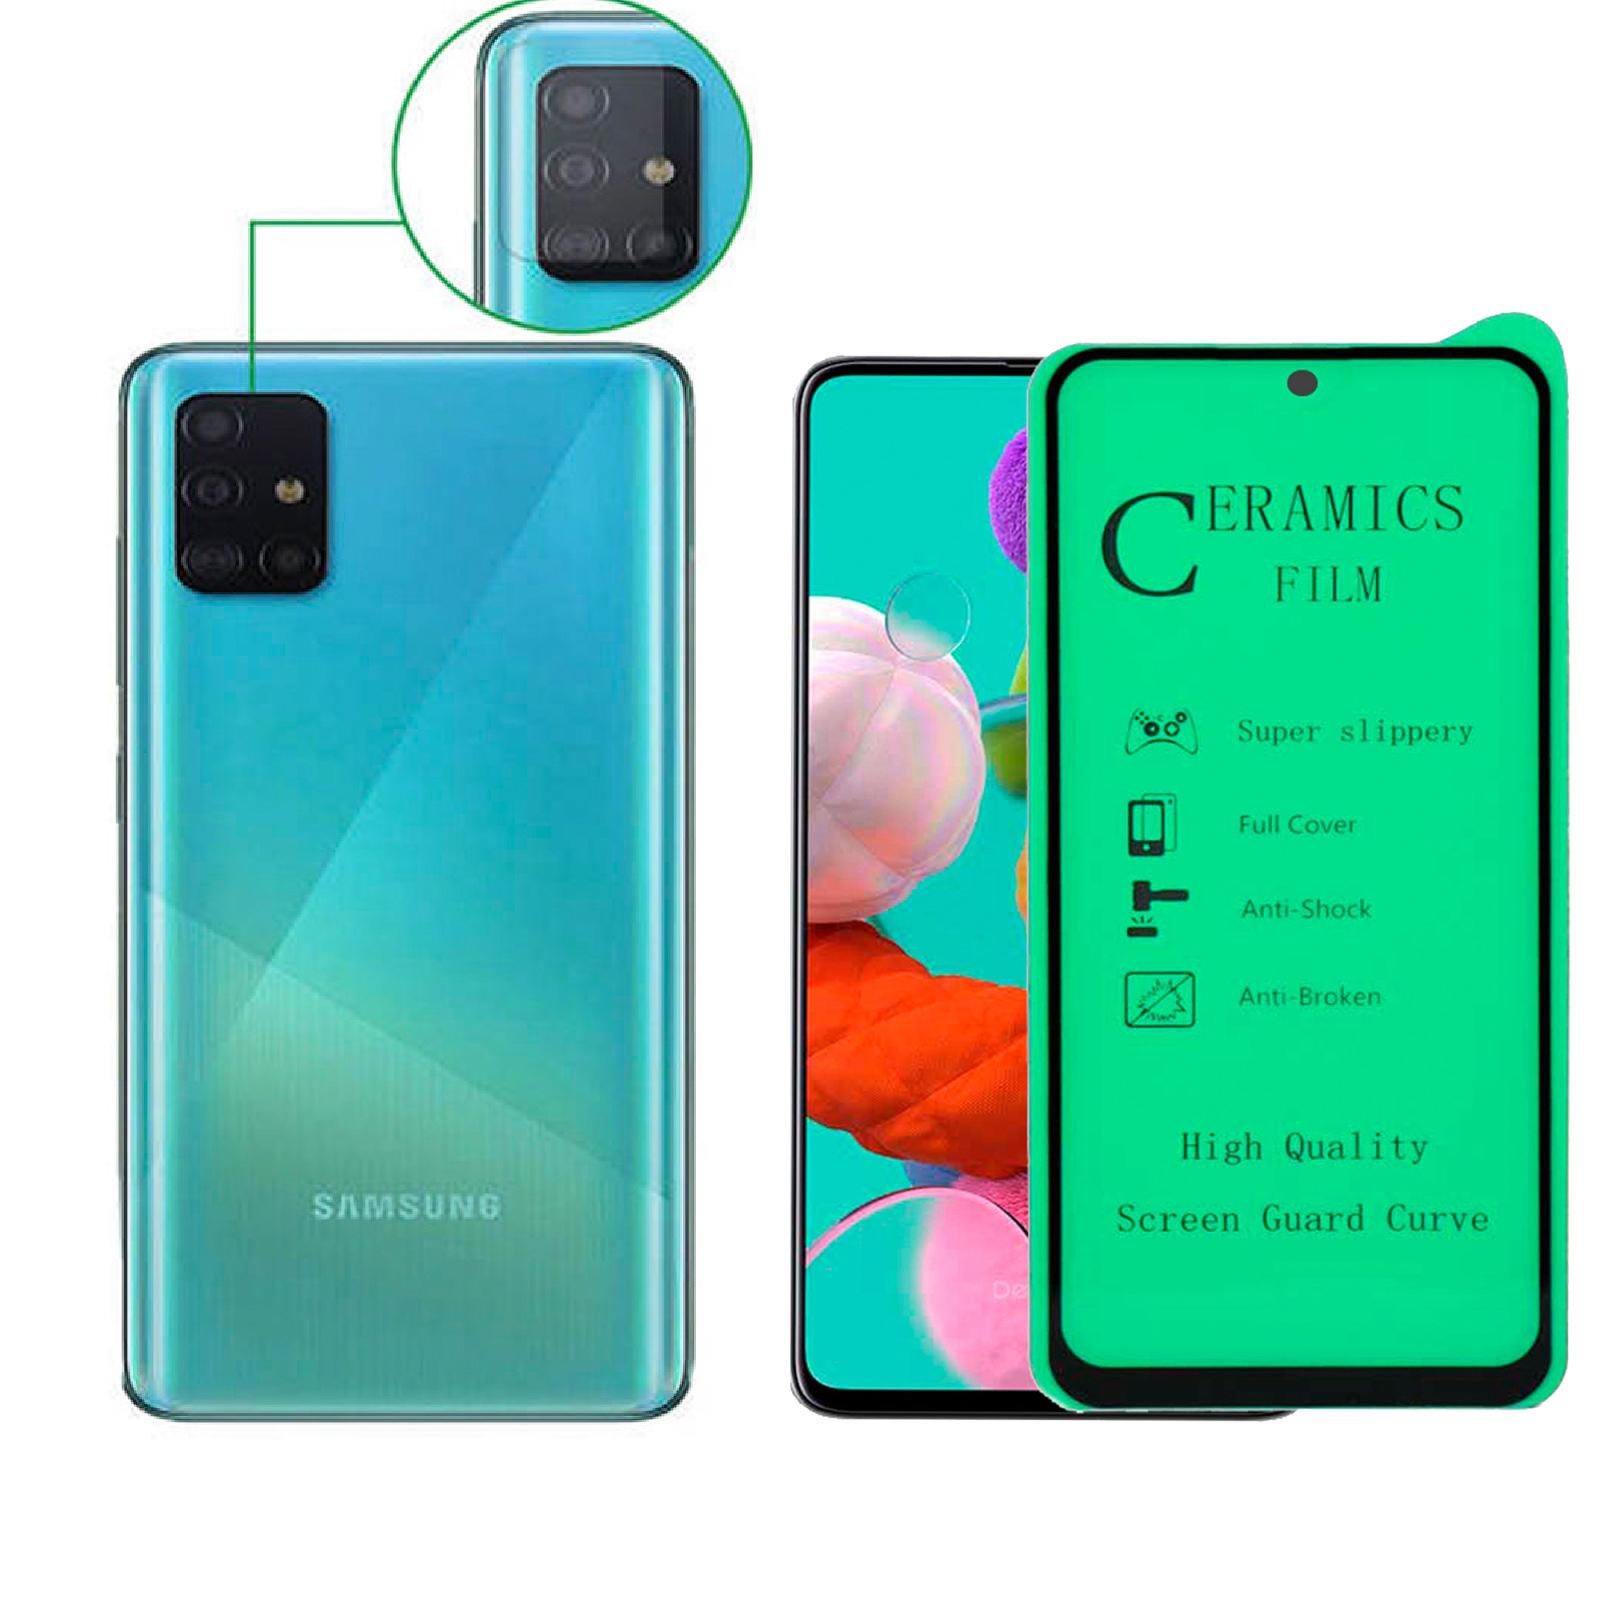 محافظ صفحه نمایش آواتار مدل CGGLNZ_A51_2 مناسب برای گوشی موبایل سامسونگ GALAXY A51 به همراه محافظ لنز دوربین